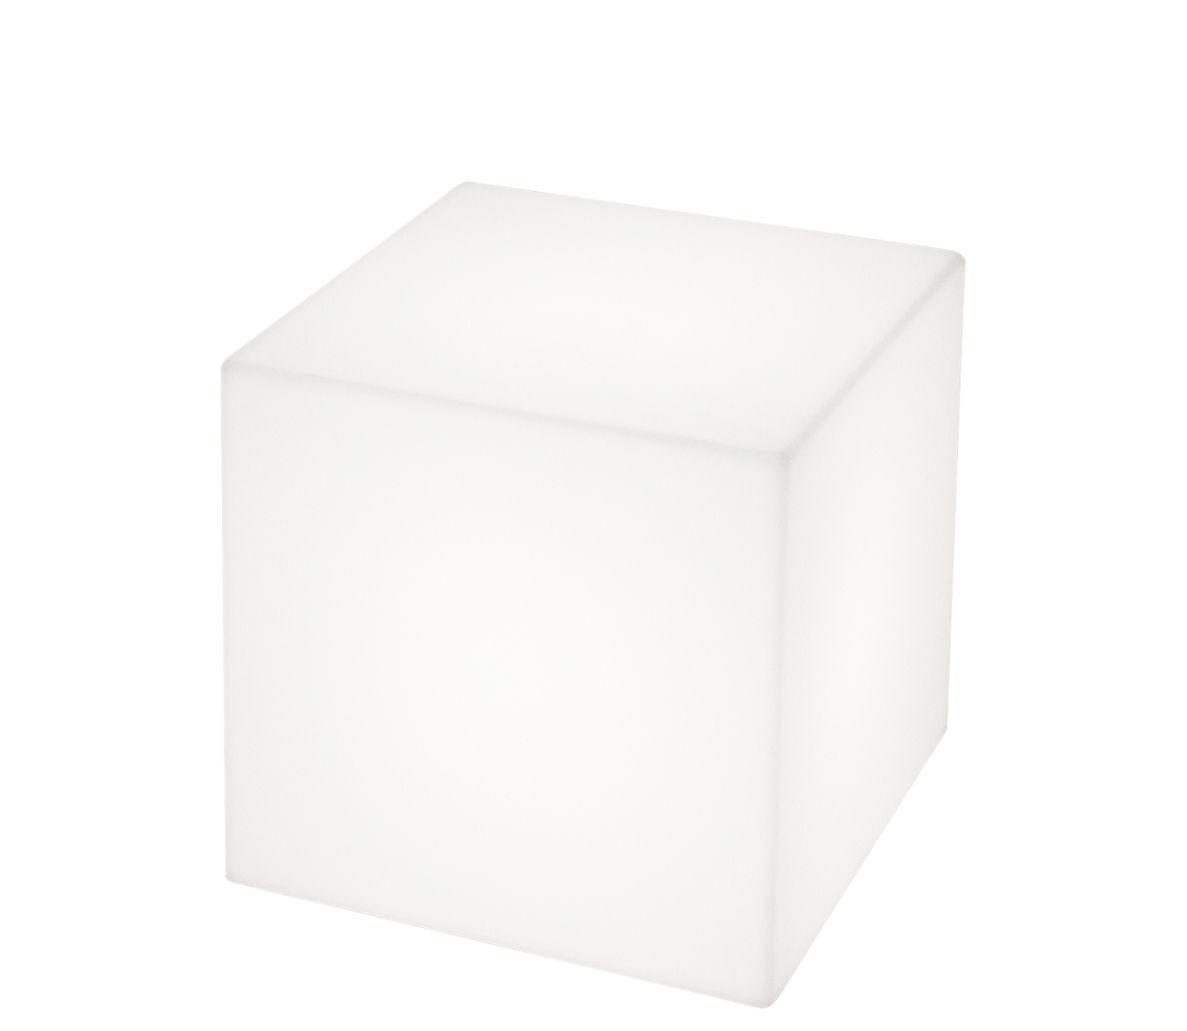 Luminaire - Lampes de table - Lampe sans fil Cubo LED RGB / 25 cm - Slide - 25 x 25 cm / Blanc - polyéthène recyclable